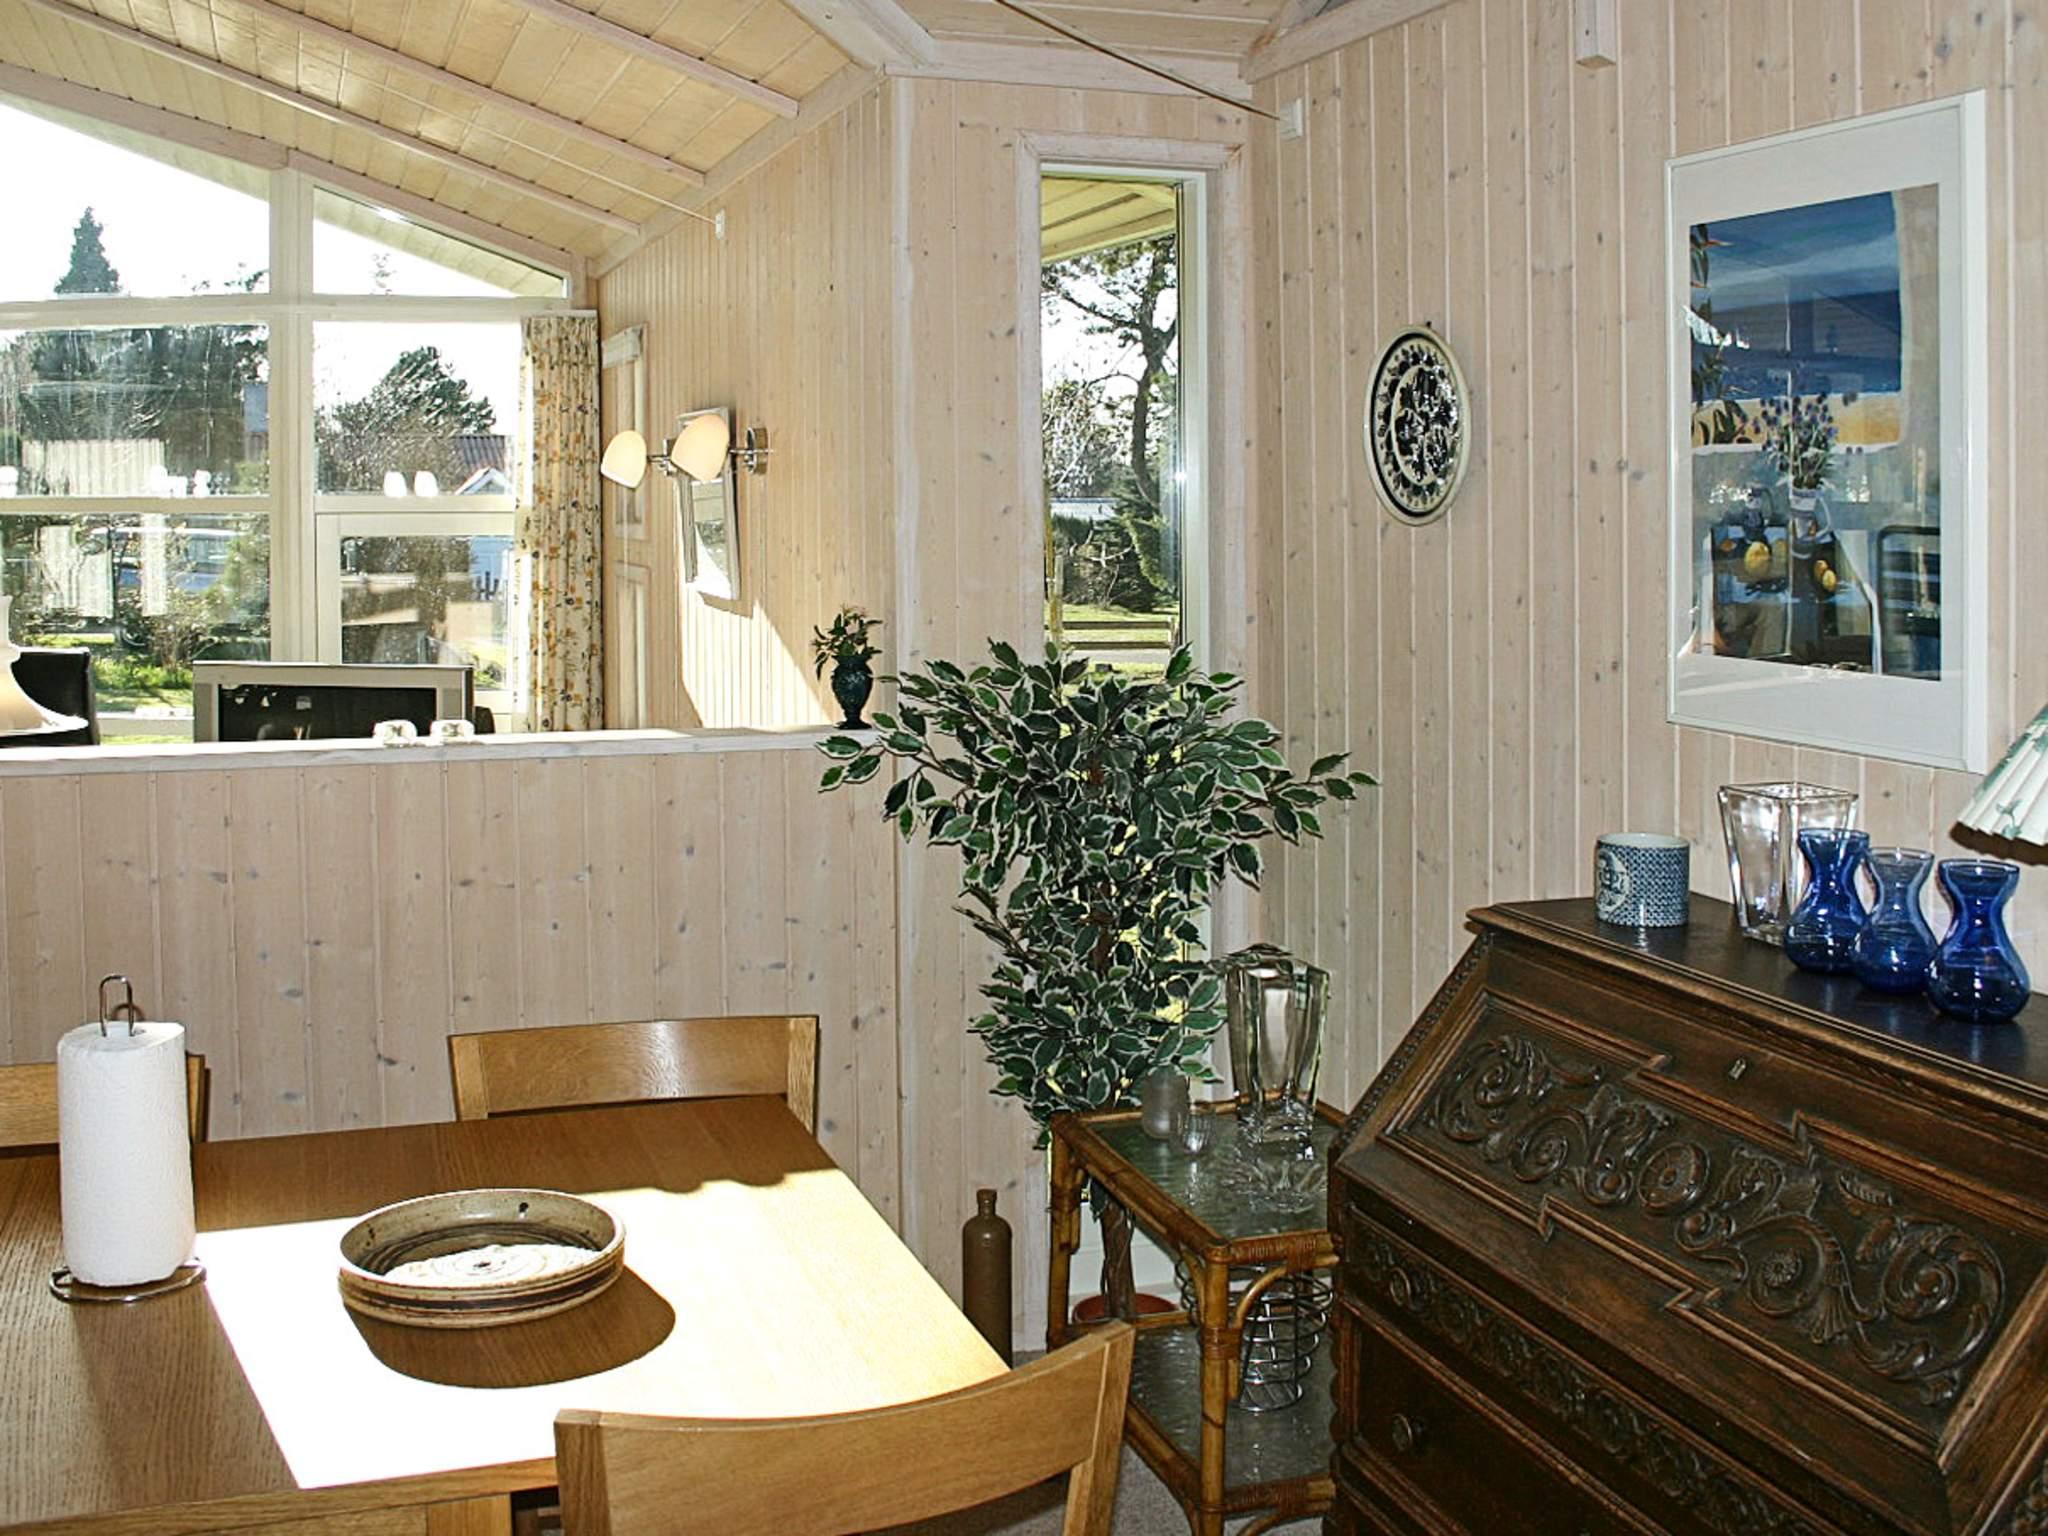 Ferienhaus Udsholt Strand (124746), Udsholt, , Nordseeland, Dänemark, Bild 5